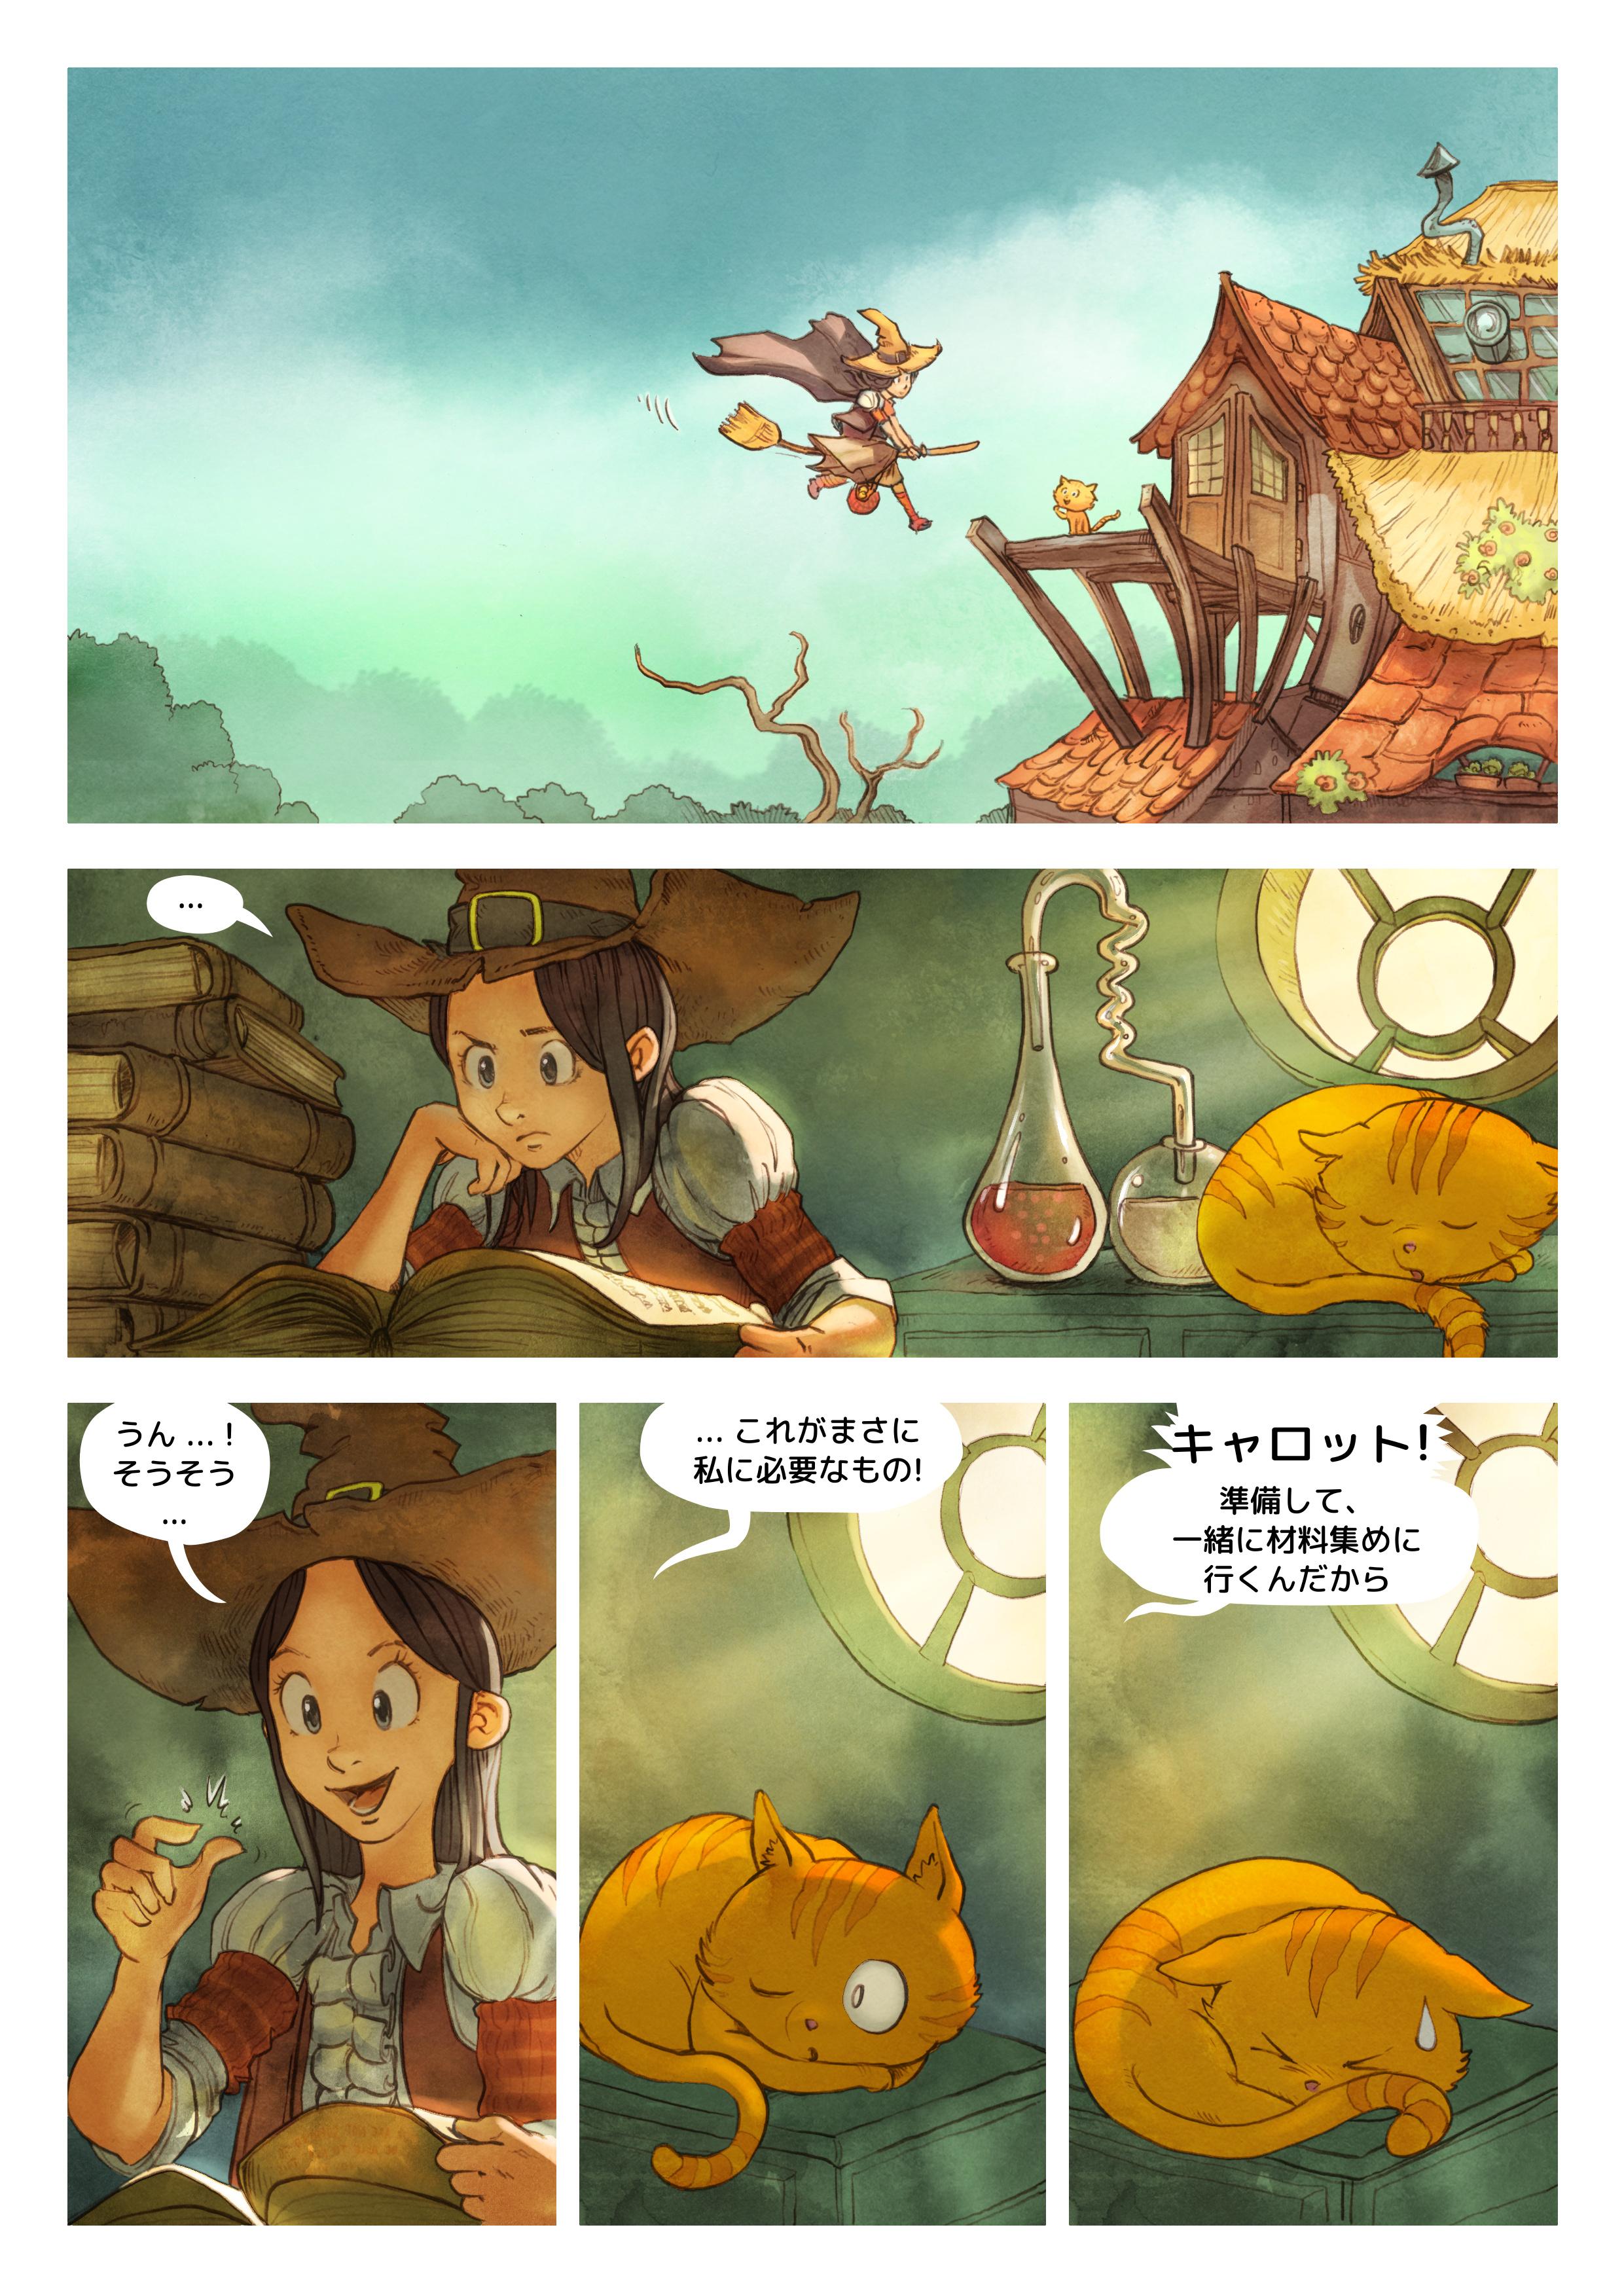 エピソード 3: 秘密の材料, ページ 4